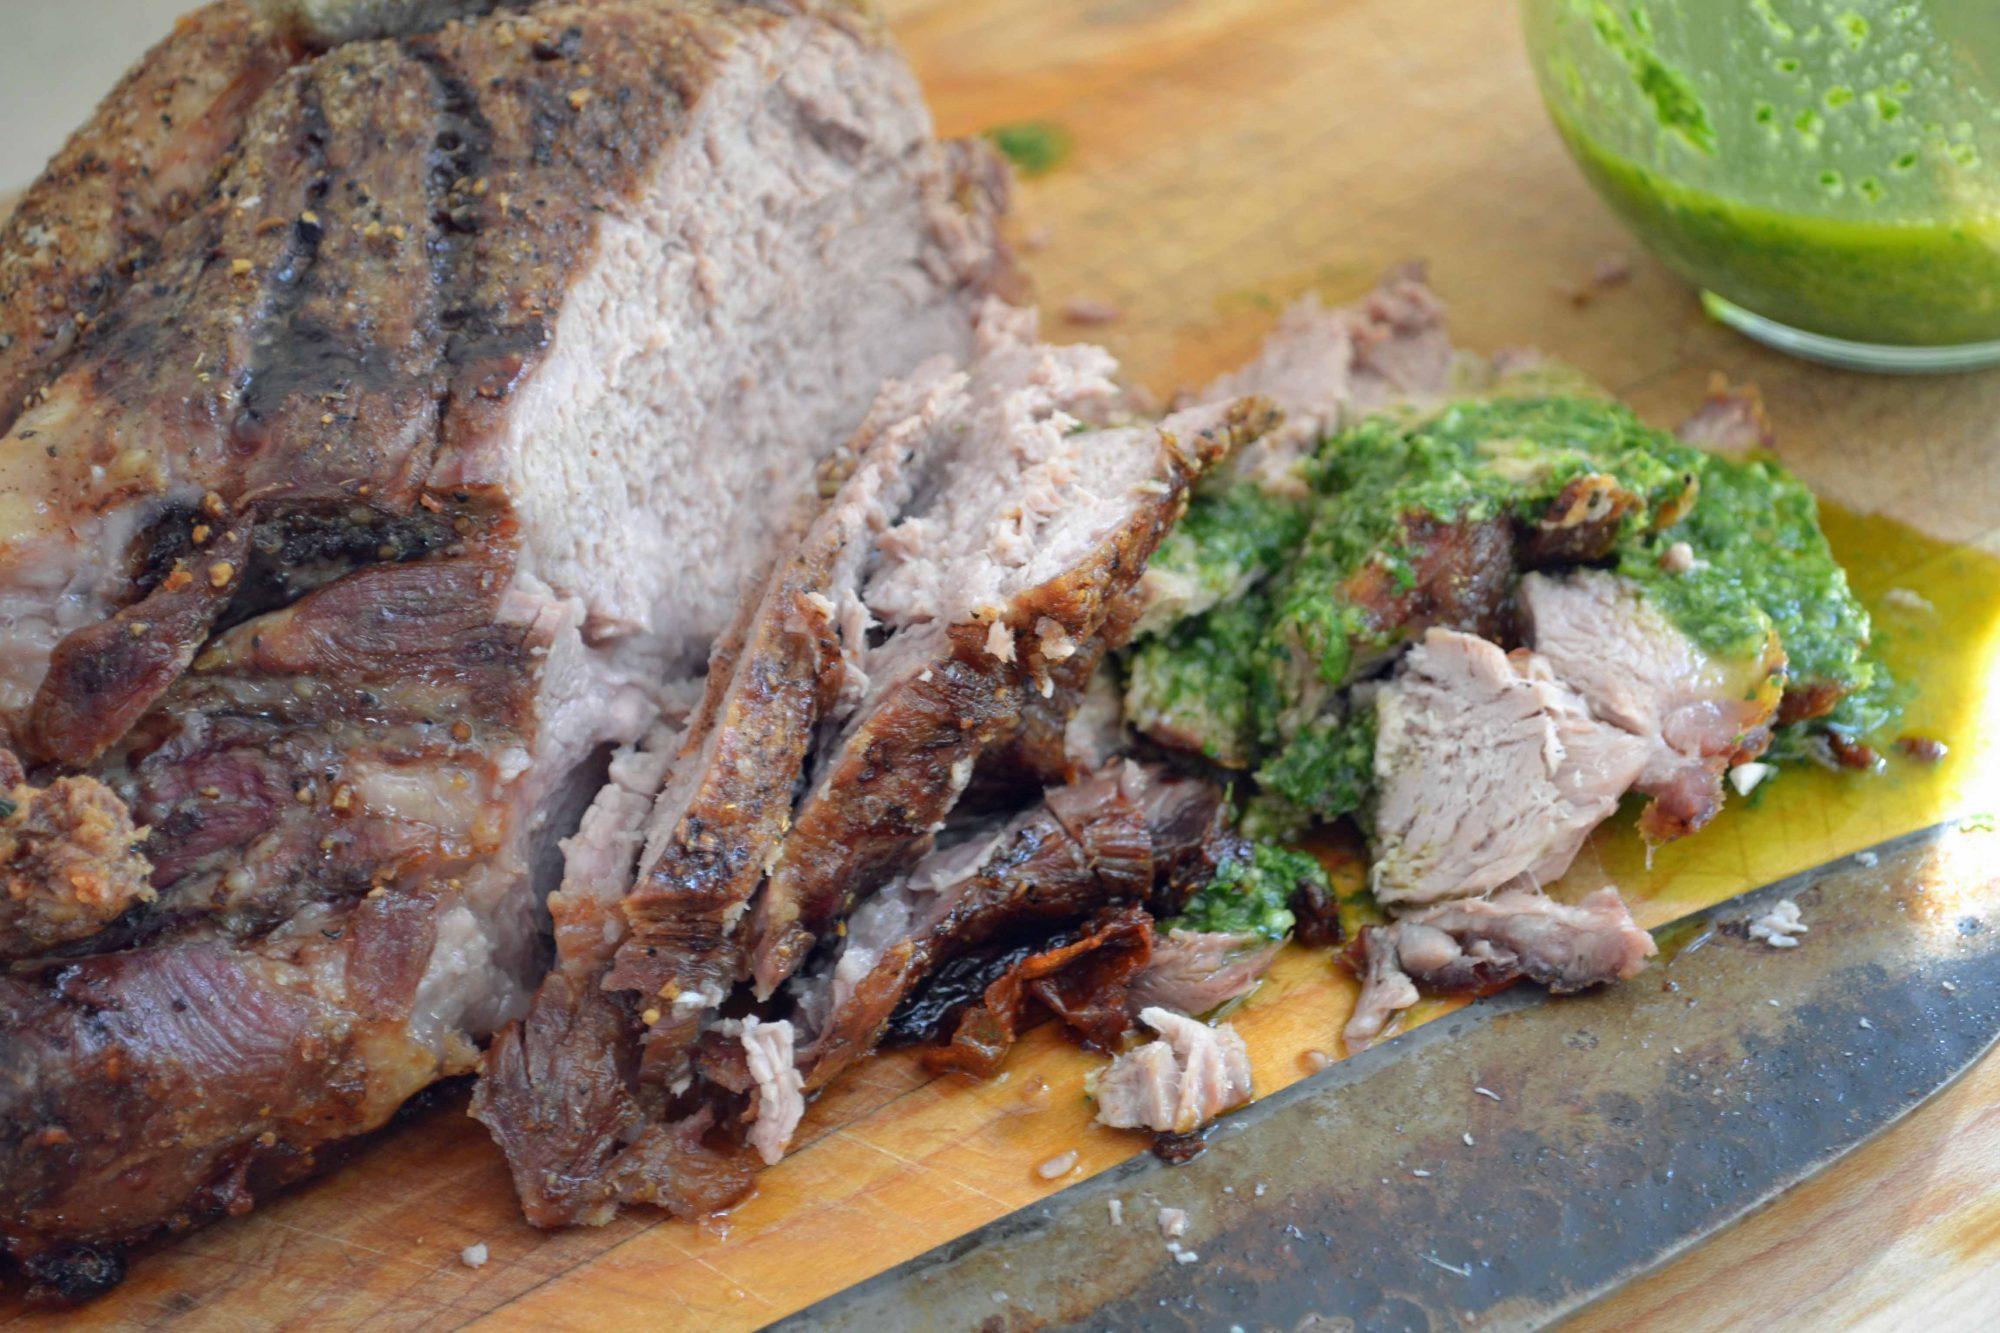 Porchetta-style Roast Pork with Salsa Verde - Dinner With Julie